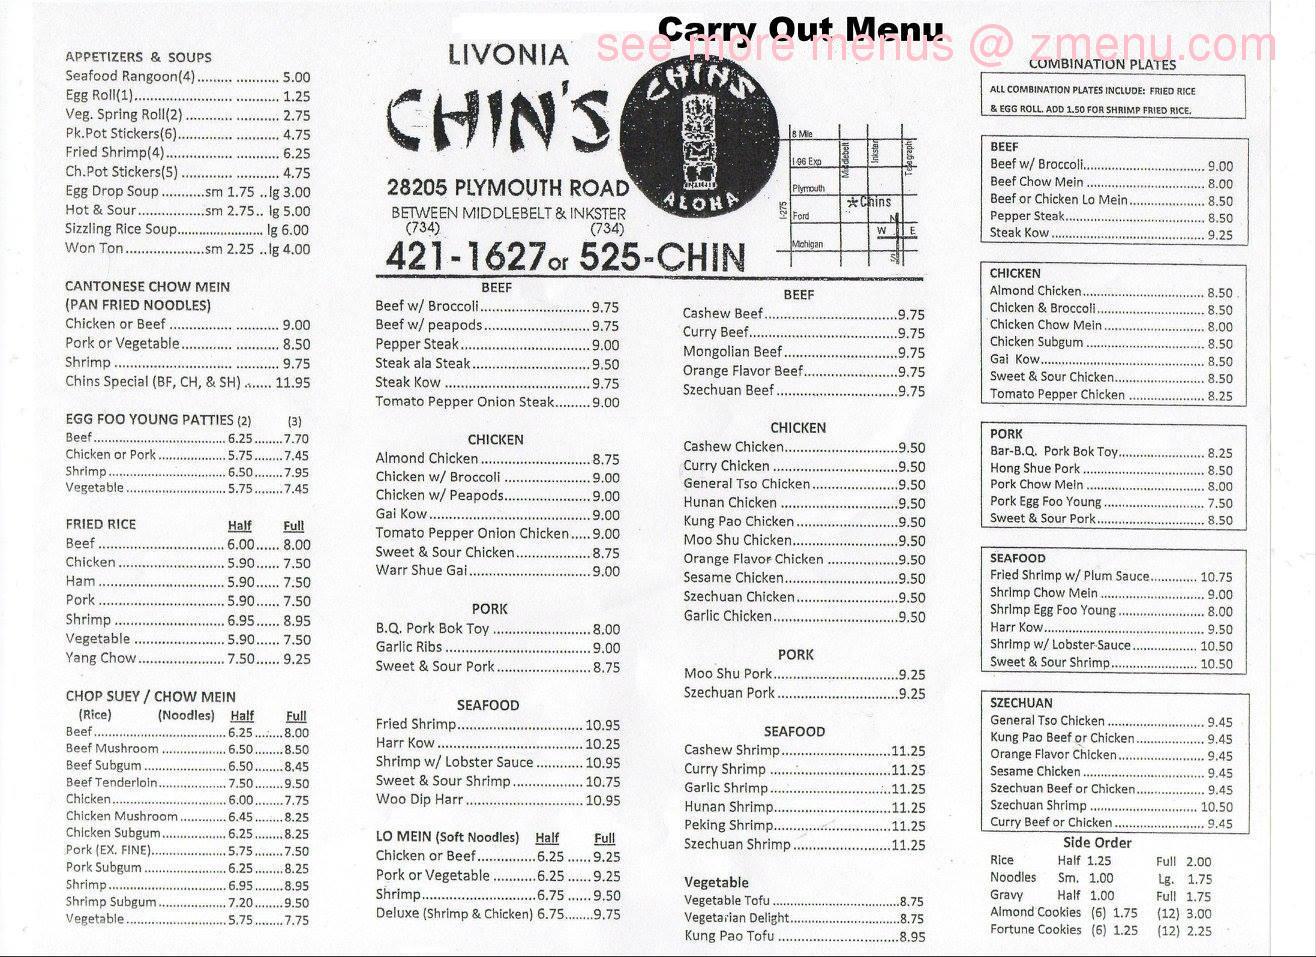 online menu of chins chop suey restaurant livonia